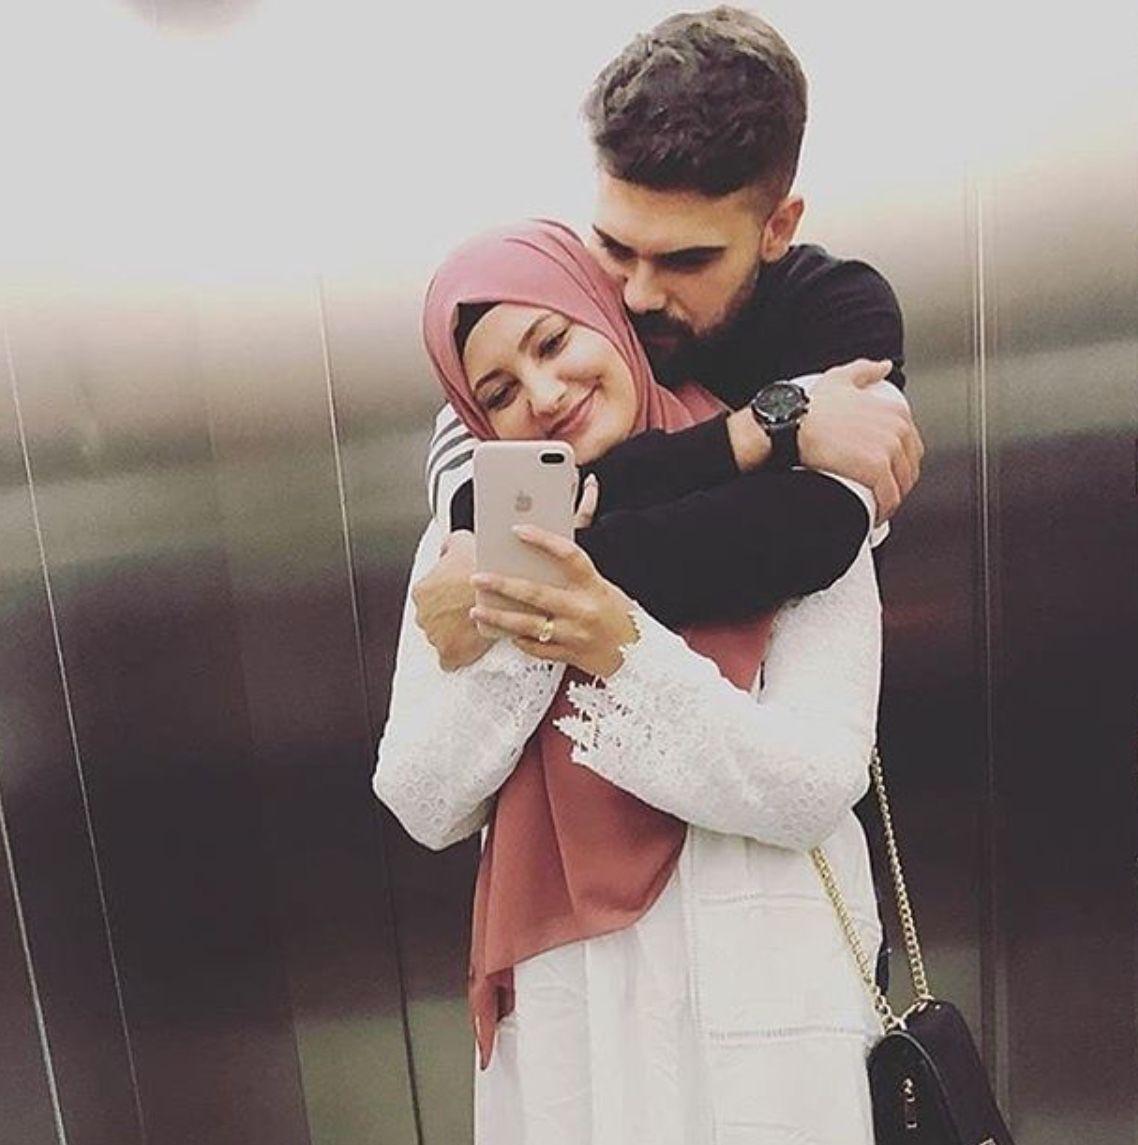 Мусульманская любовь картинки с надписями